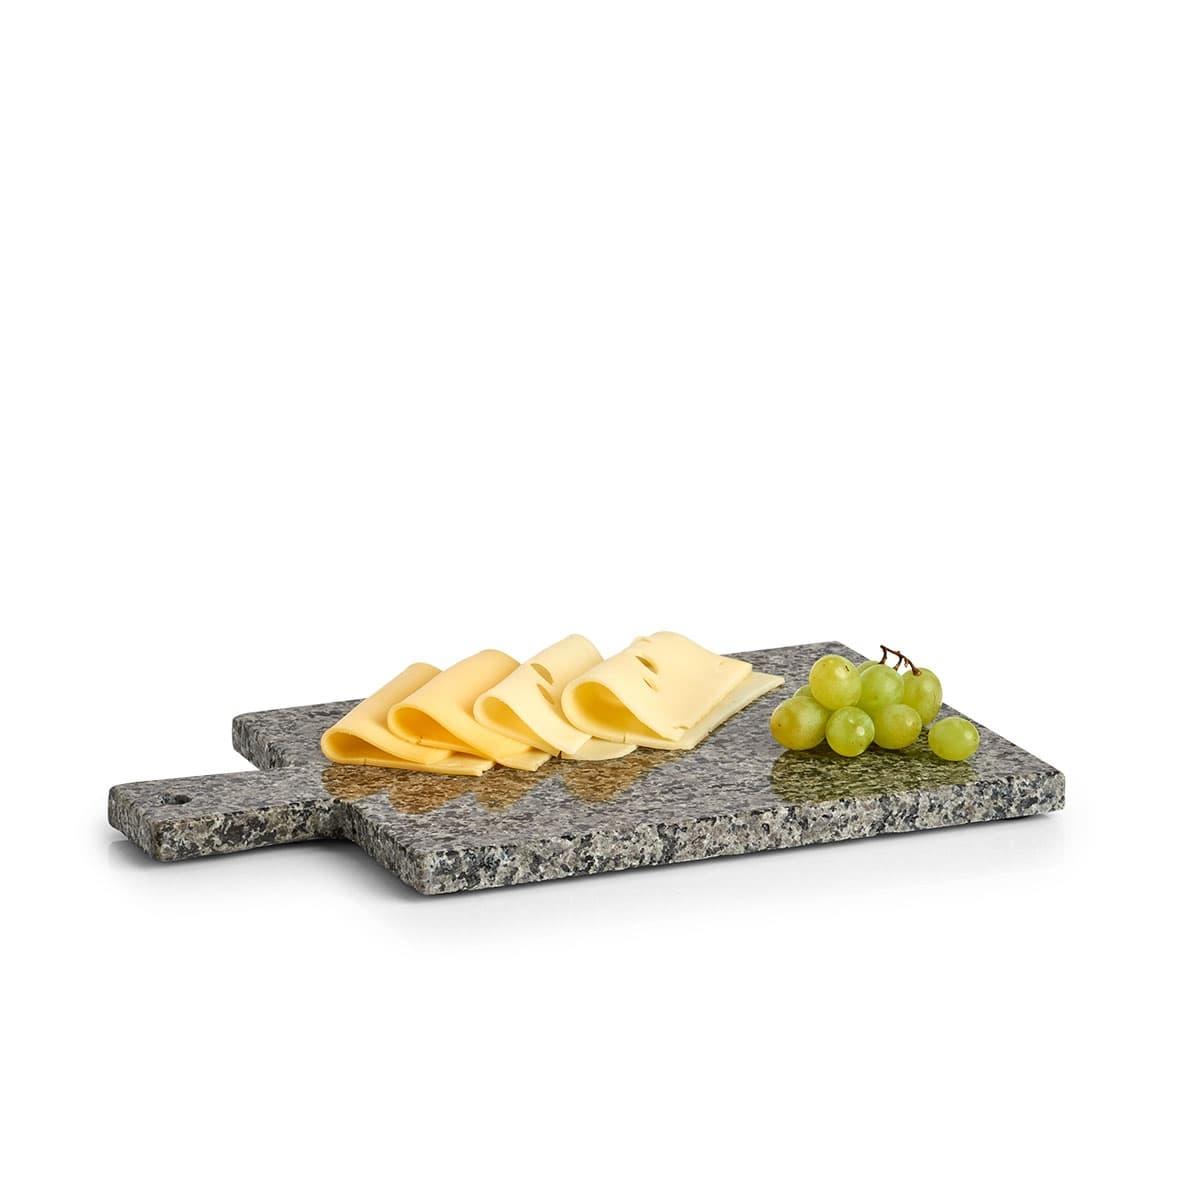 Platou servire din granit, Modern Square Gri / Negru, L30xl18xH1 cm imagine